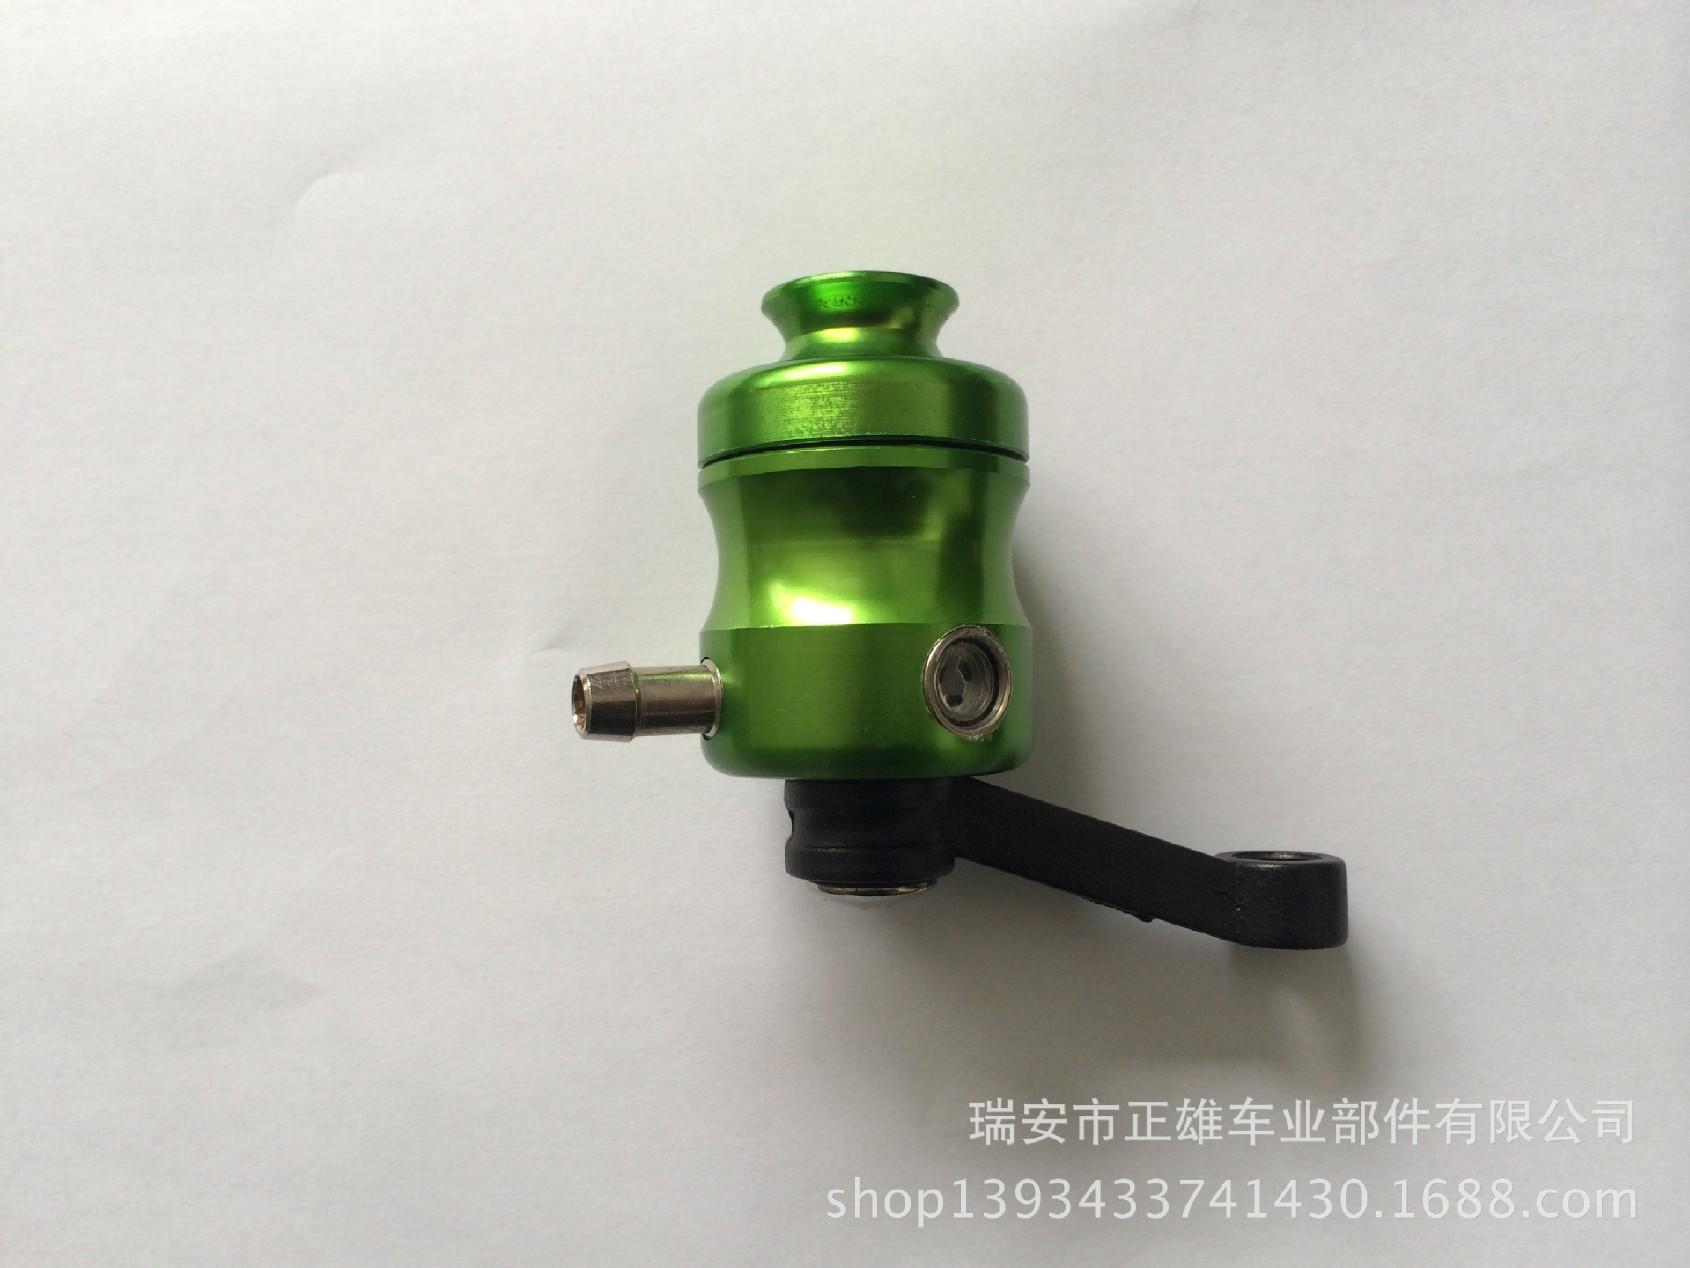 车改摩托结构链条调节器摩托车改装件装饰件复盛sa55油冷却器图片